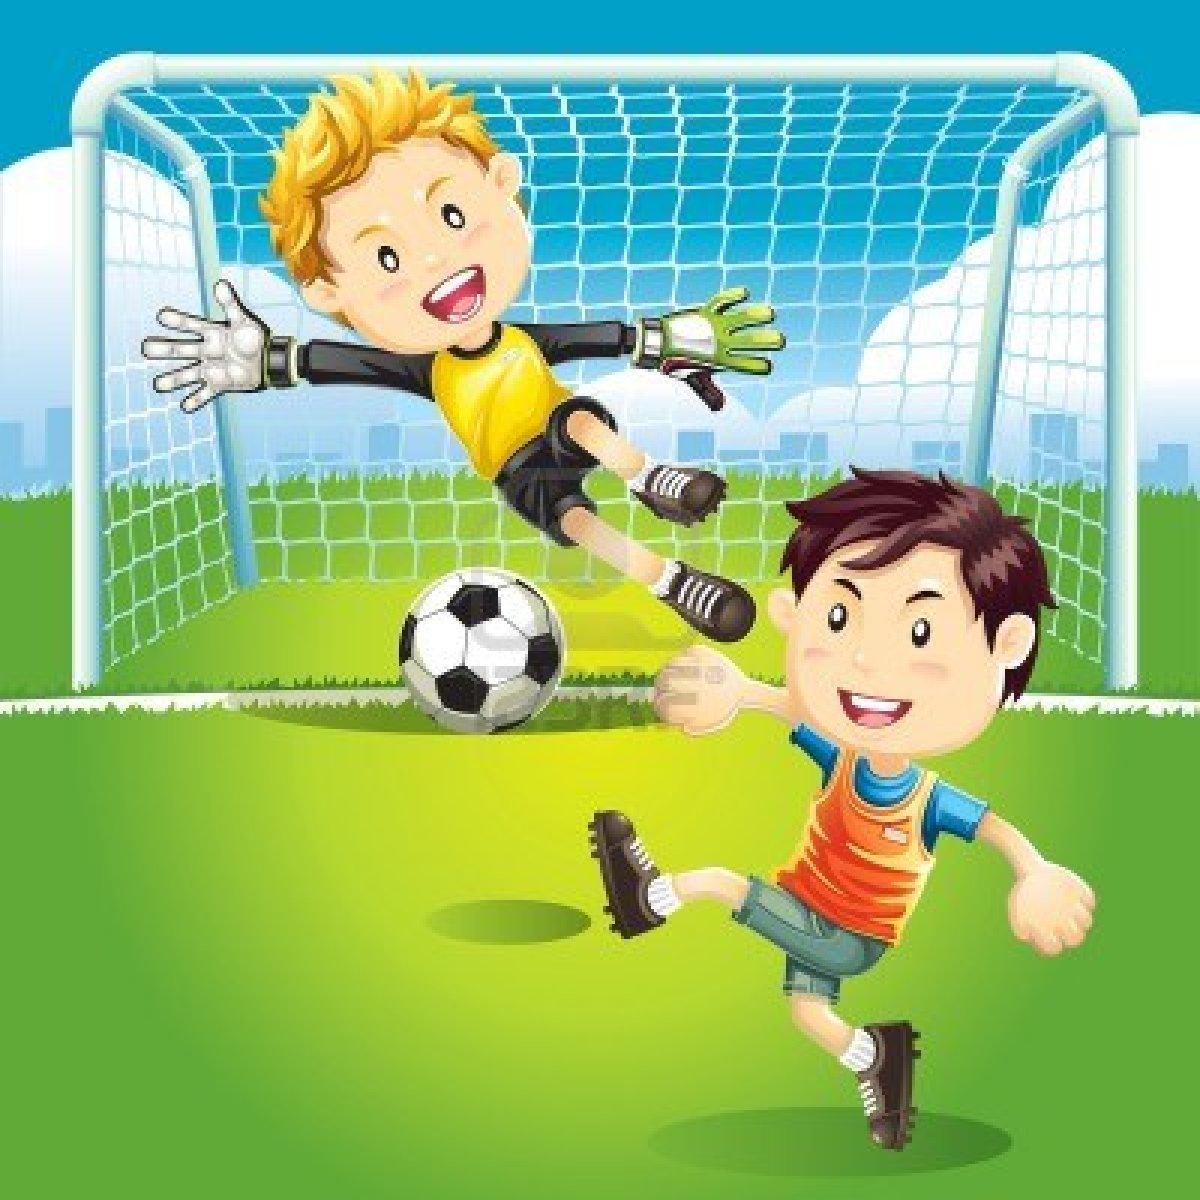 Los niños jugando futbol - Imagui